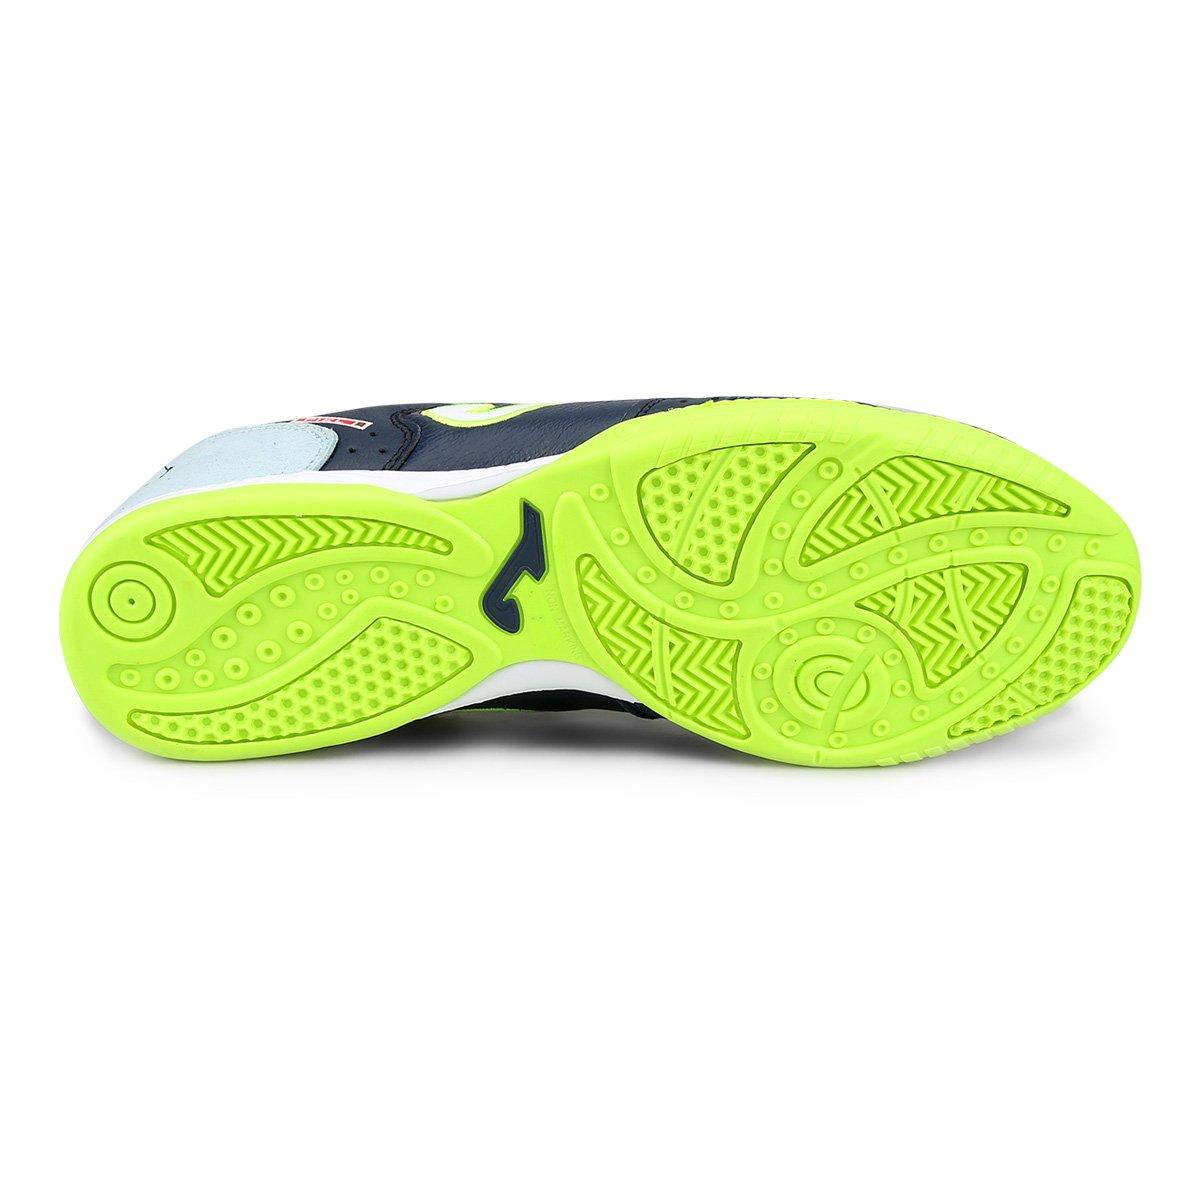 6710145838 Chuteira Futsal Joma Top Flex - Compre Agora